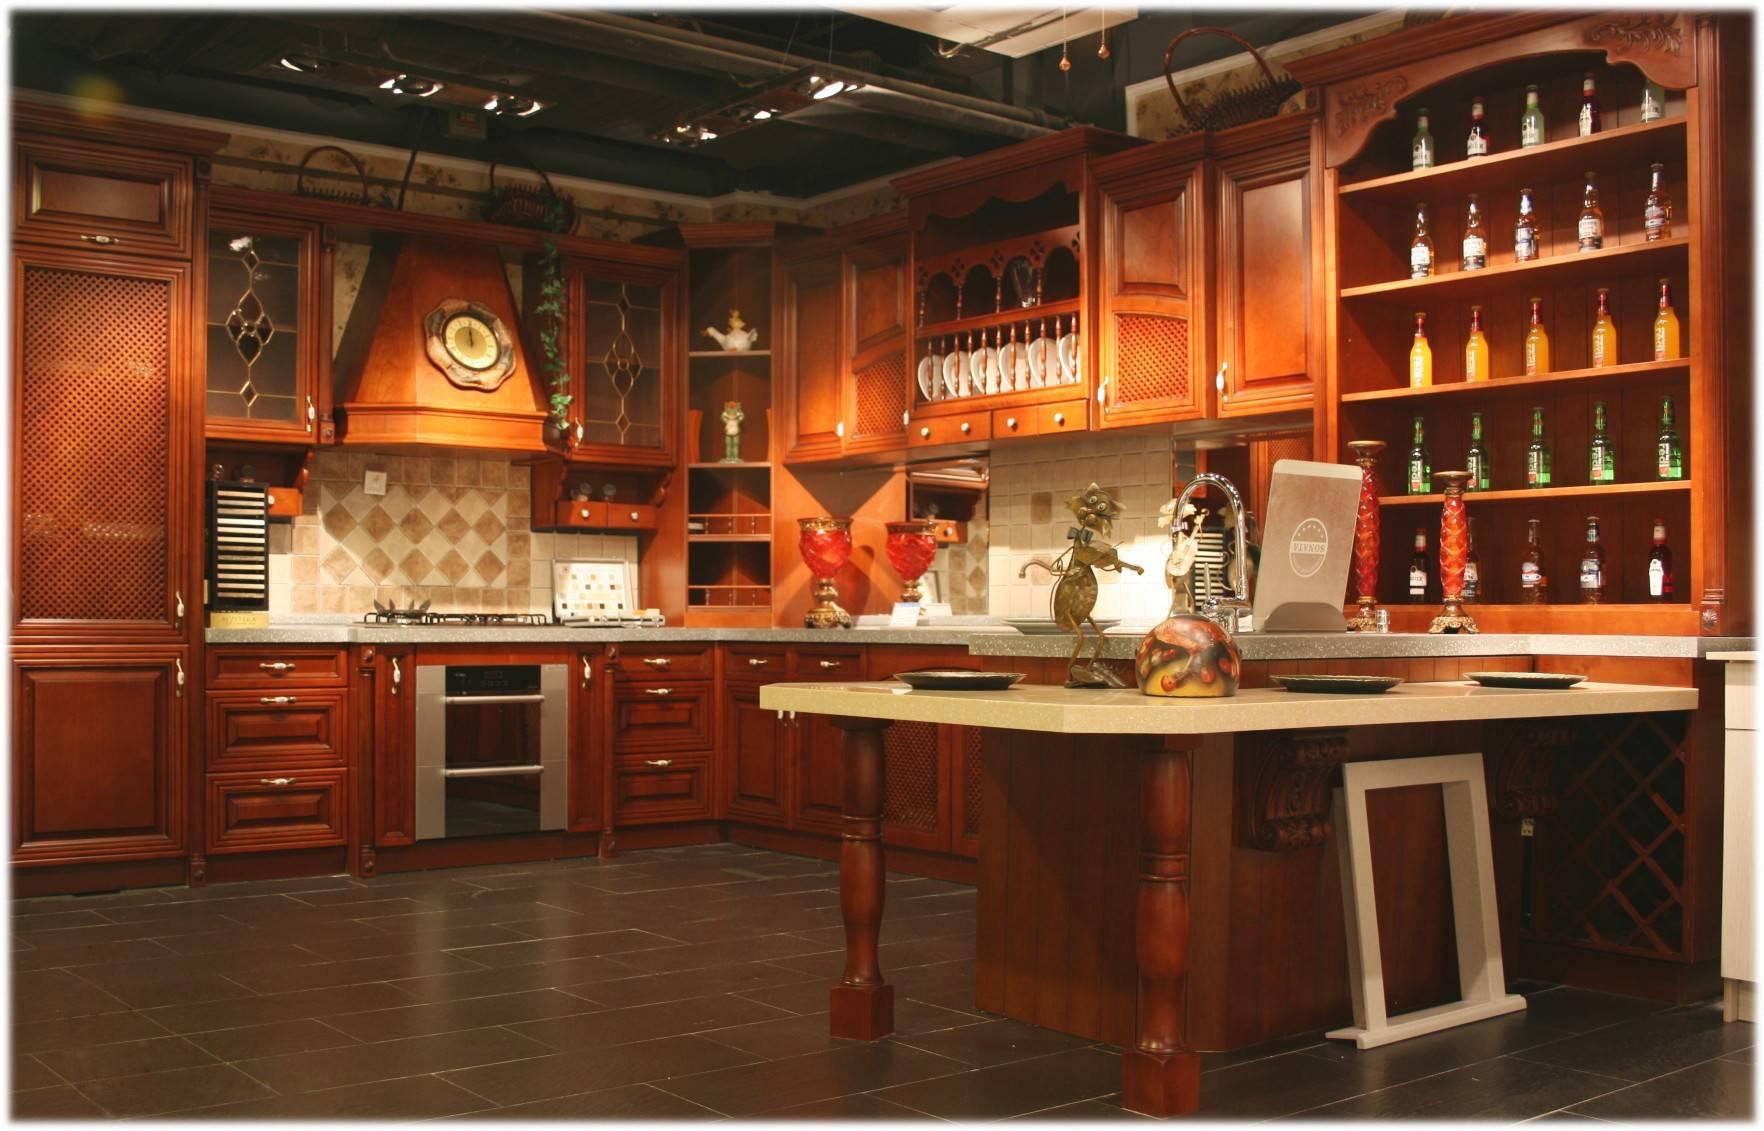 建材产品 厨柜厨具 整体厨房 实木橱柜 产品详细介绍